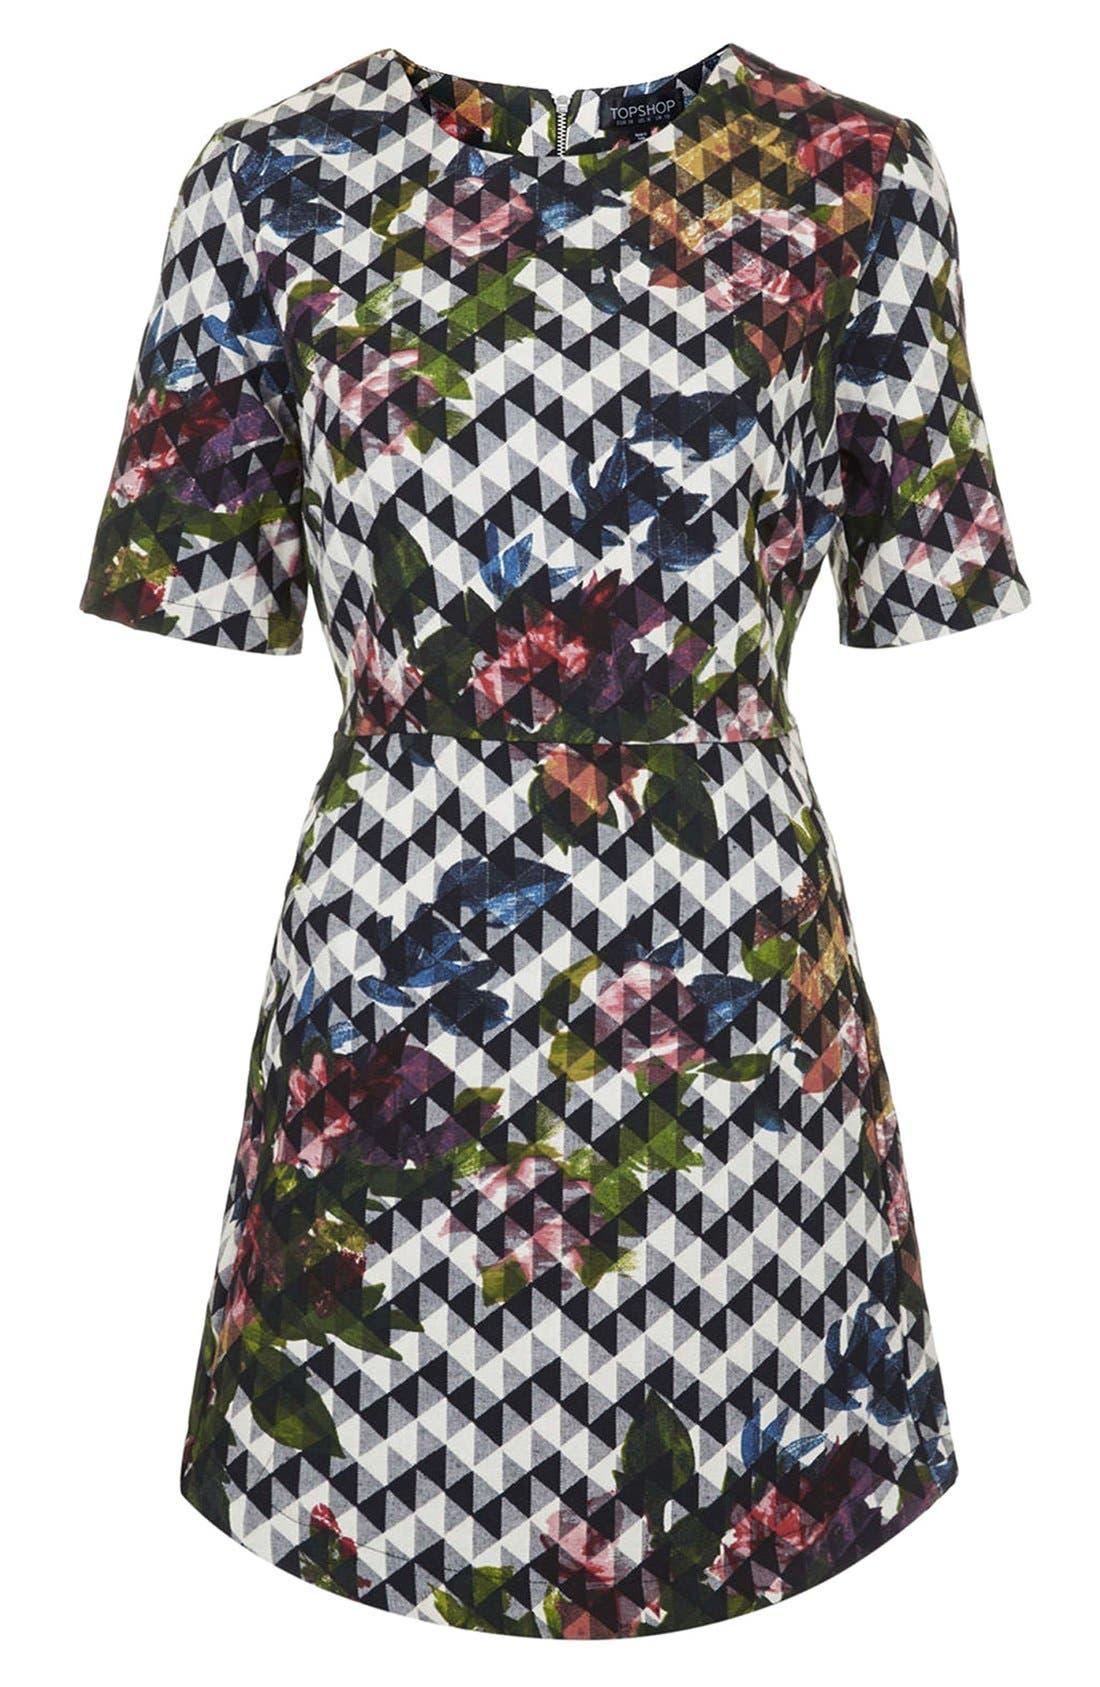 Alternate Image 3  - Topshop Blurred Jacquard A-Line Dress